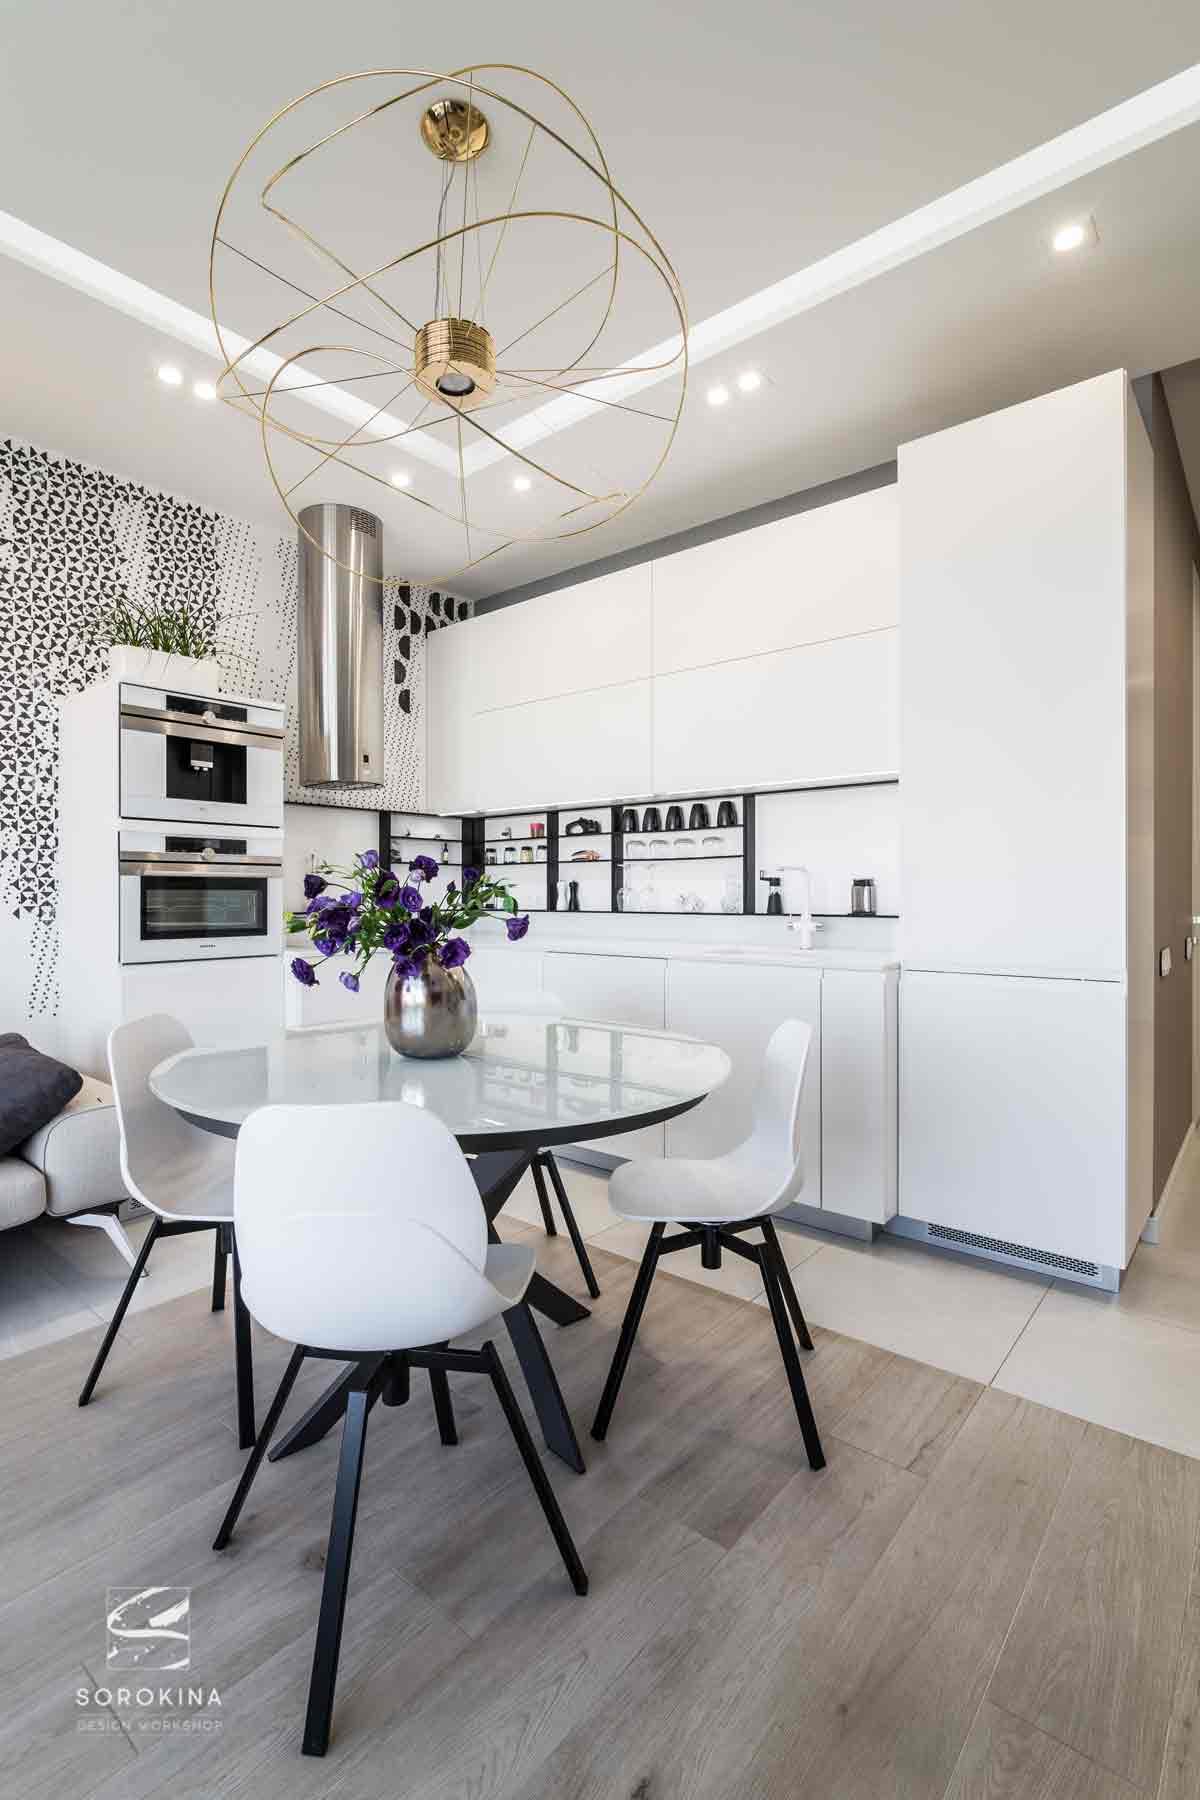 Дизайн-интерьера-столовой-2-Moonstone-ЖК-Ривер-стоун